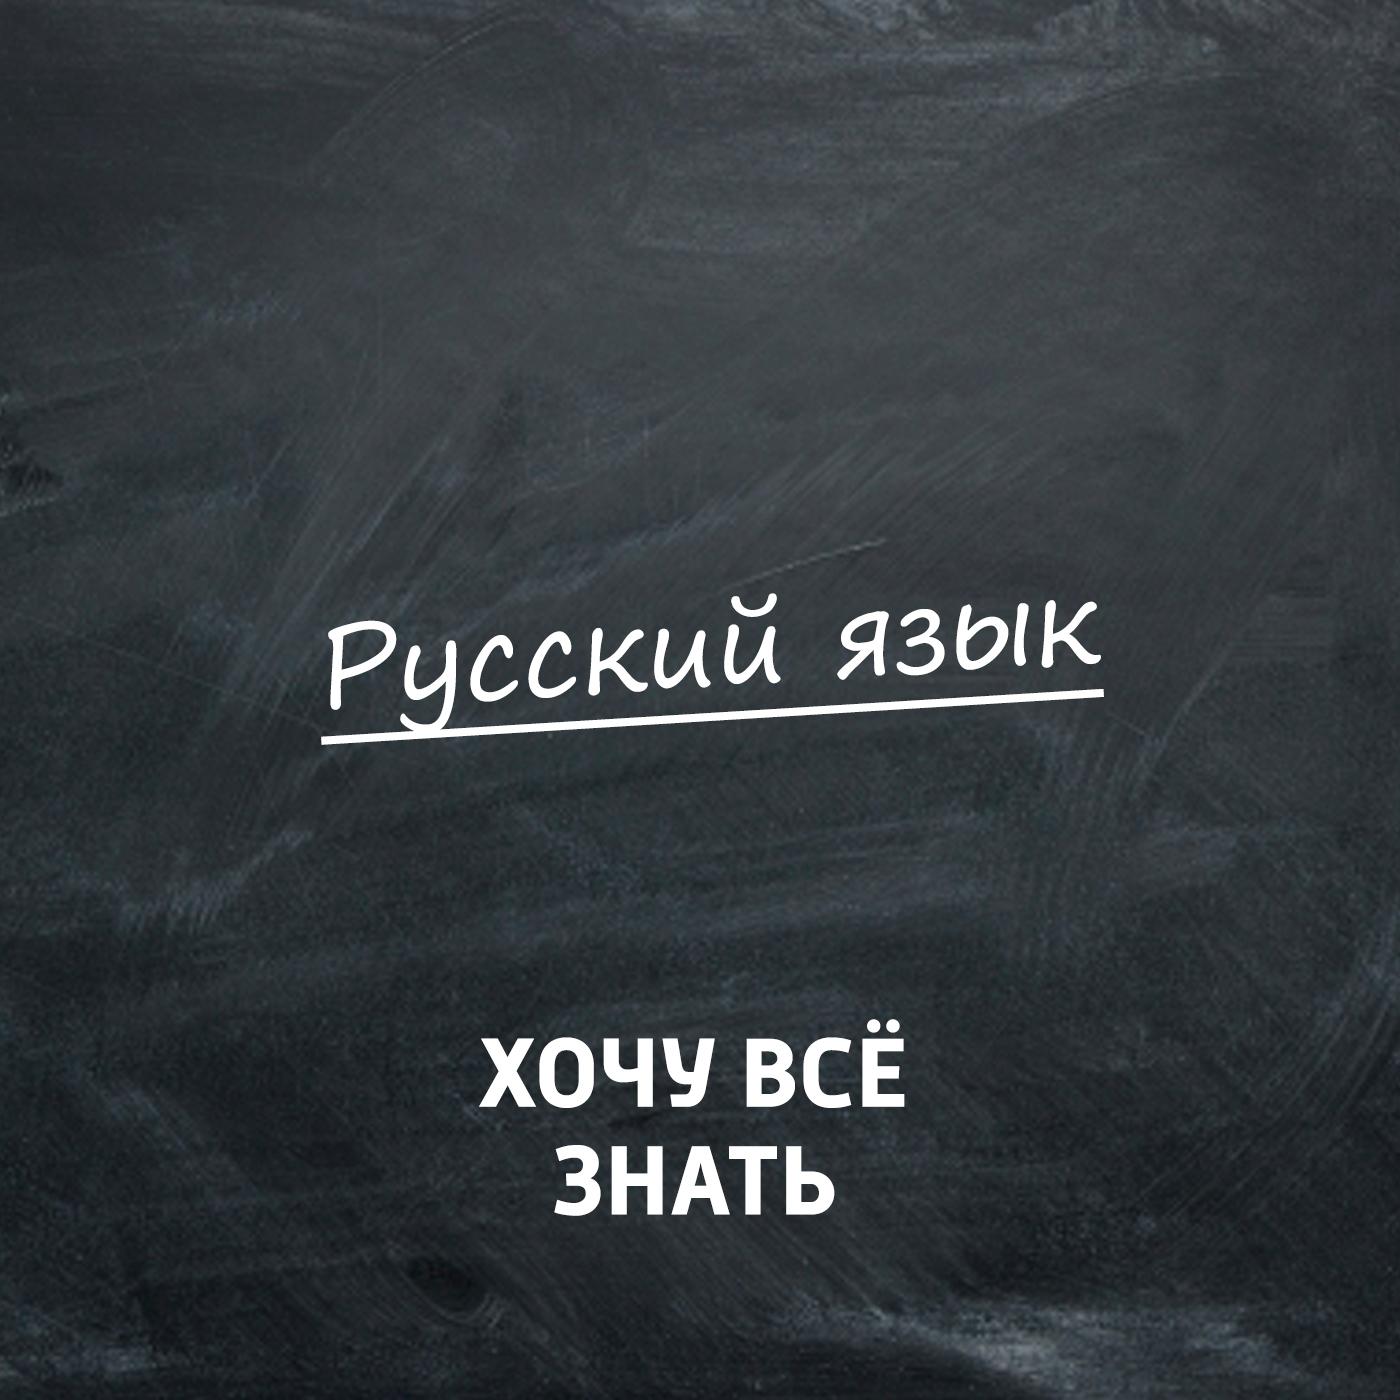 Купить книгу Олимпиадные задачи. Русский язык. Часть 75, автора